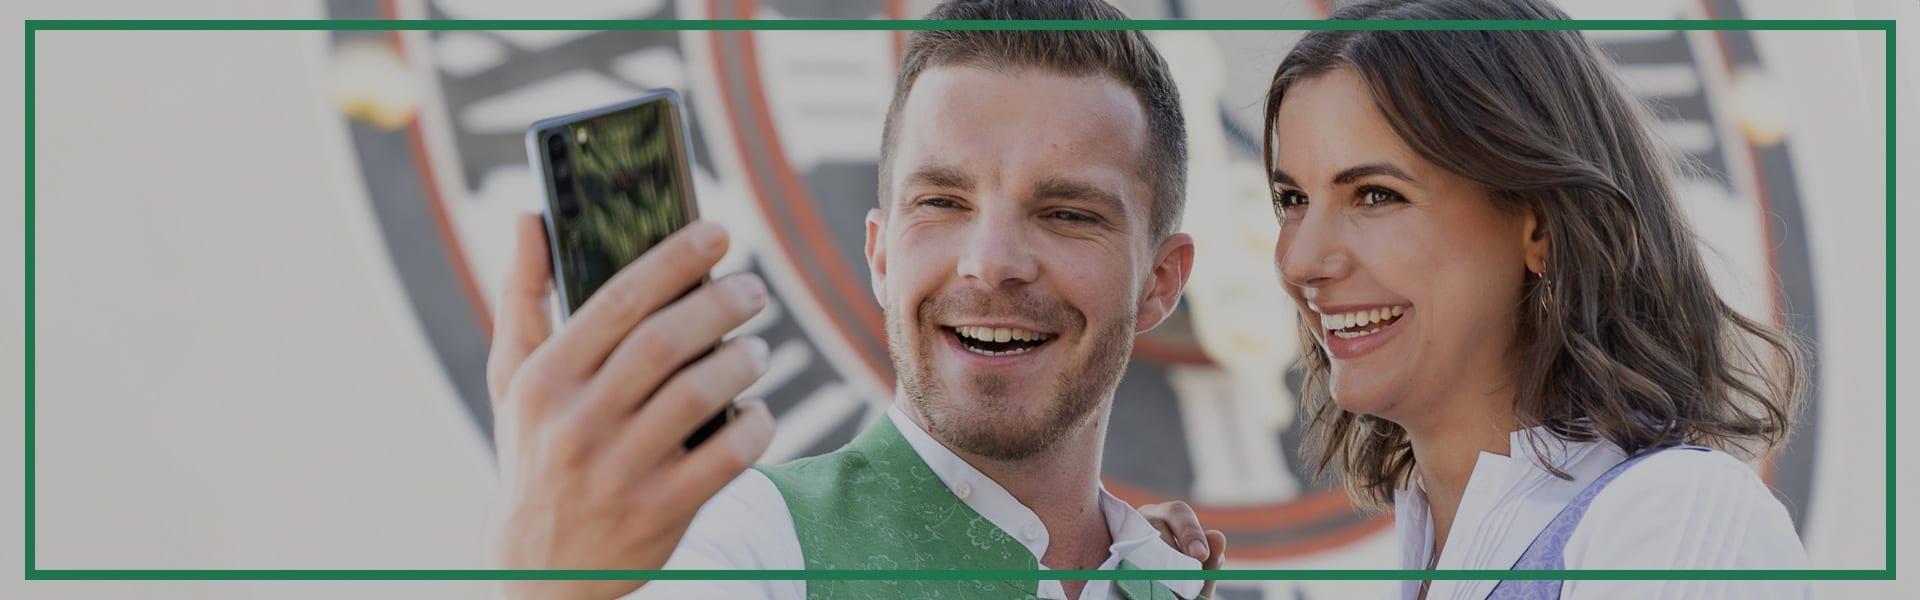 Ein Pärchen in steirischer Tracht macht ein Selfie